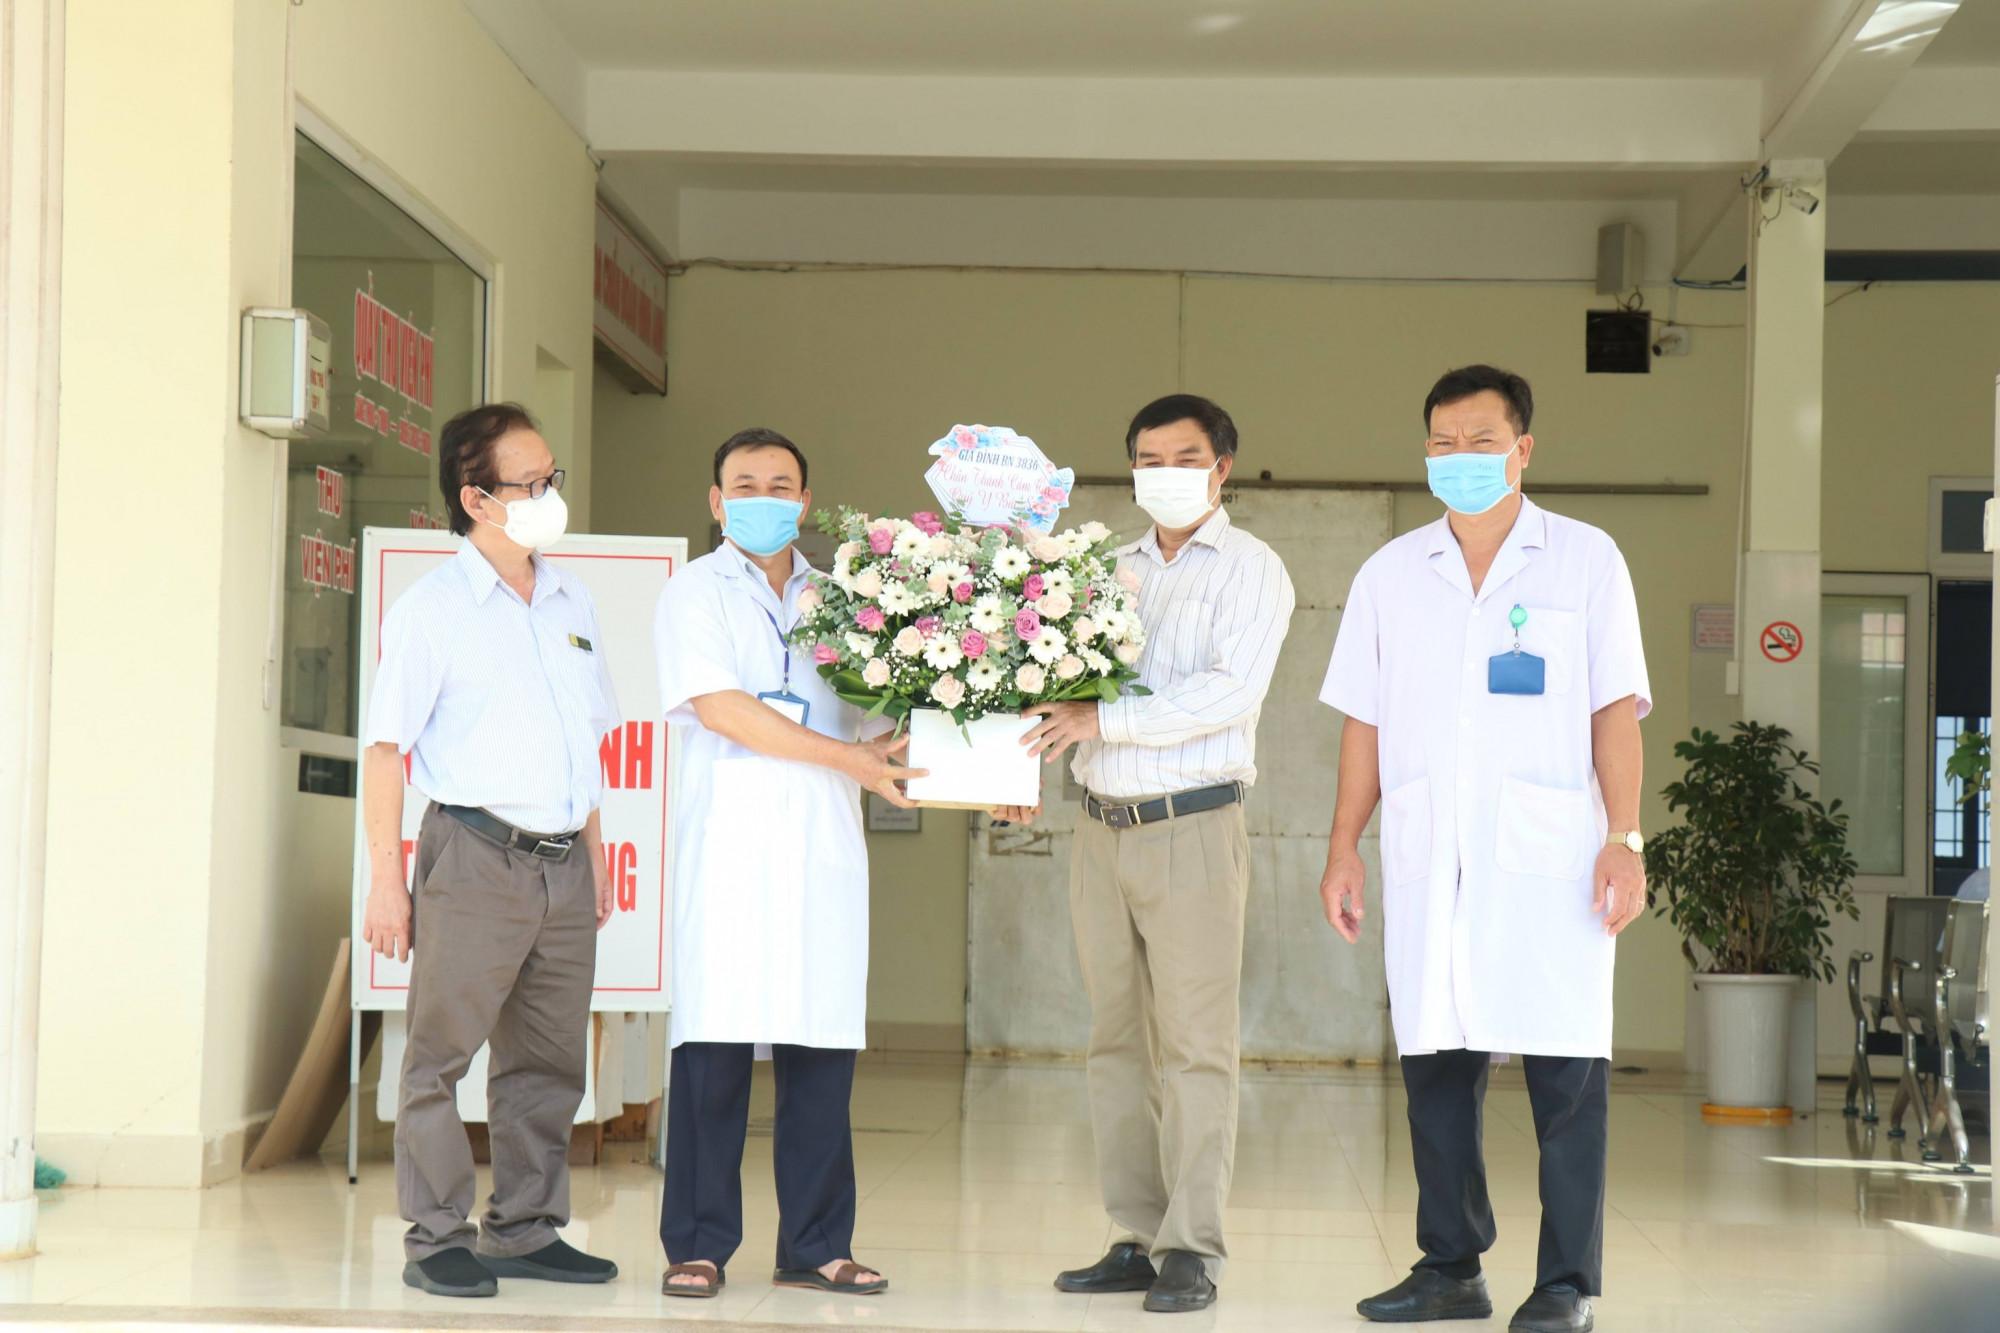 BN 3836 được xuất viện sau hơn 1 tháng điều trị